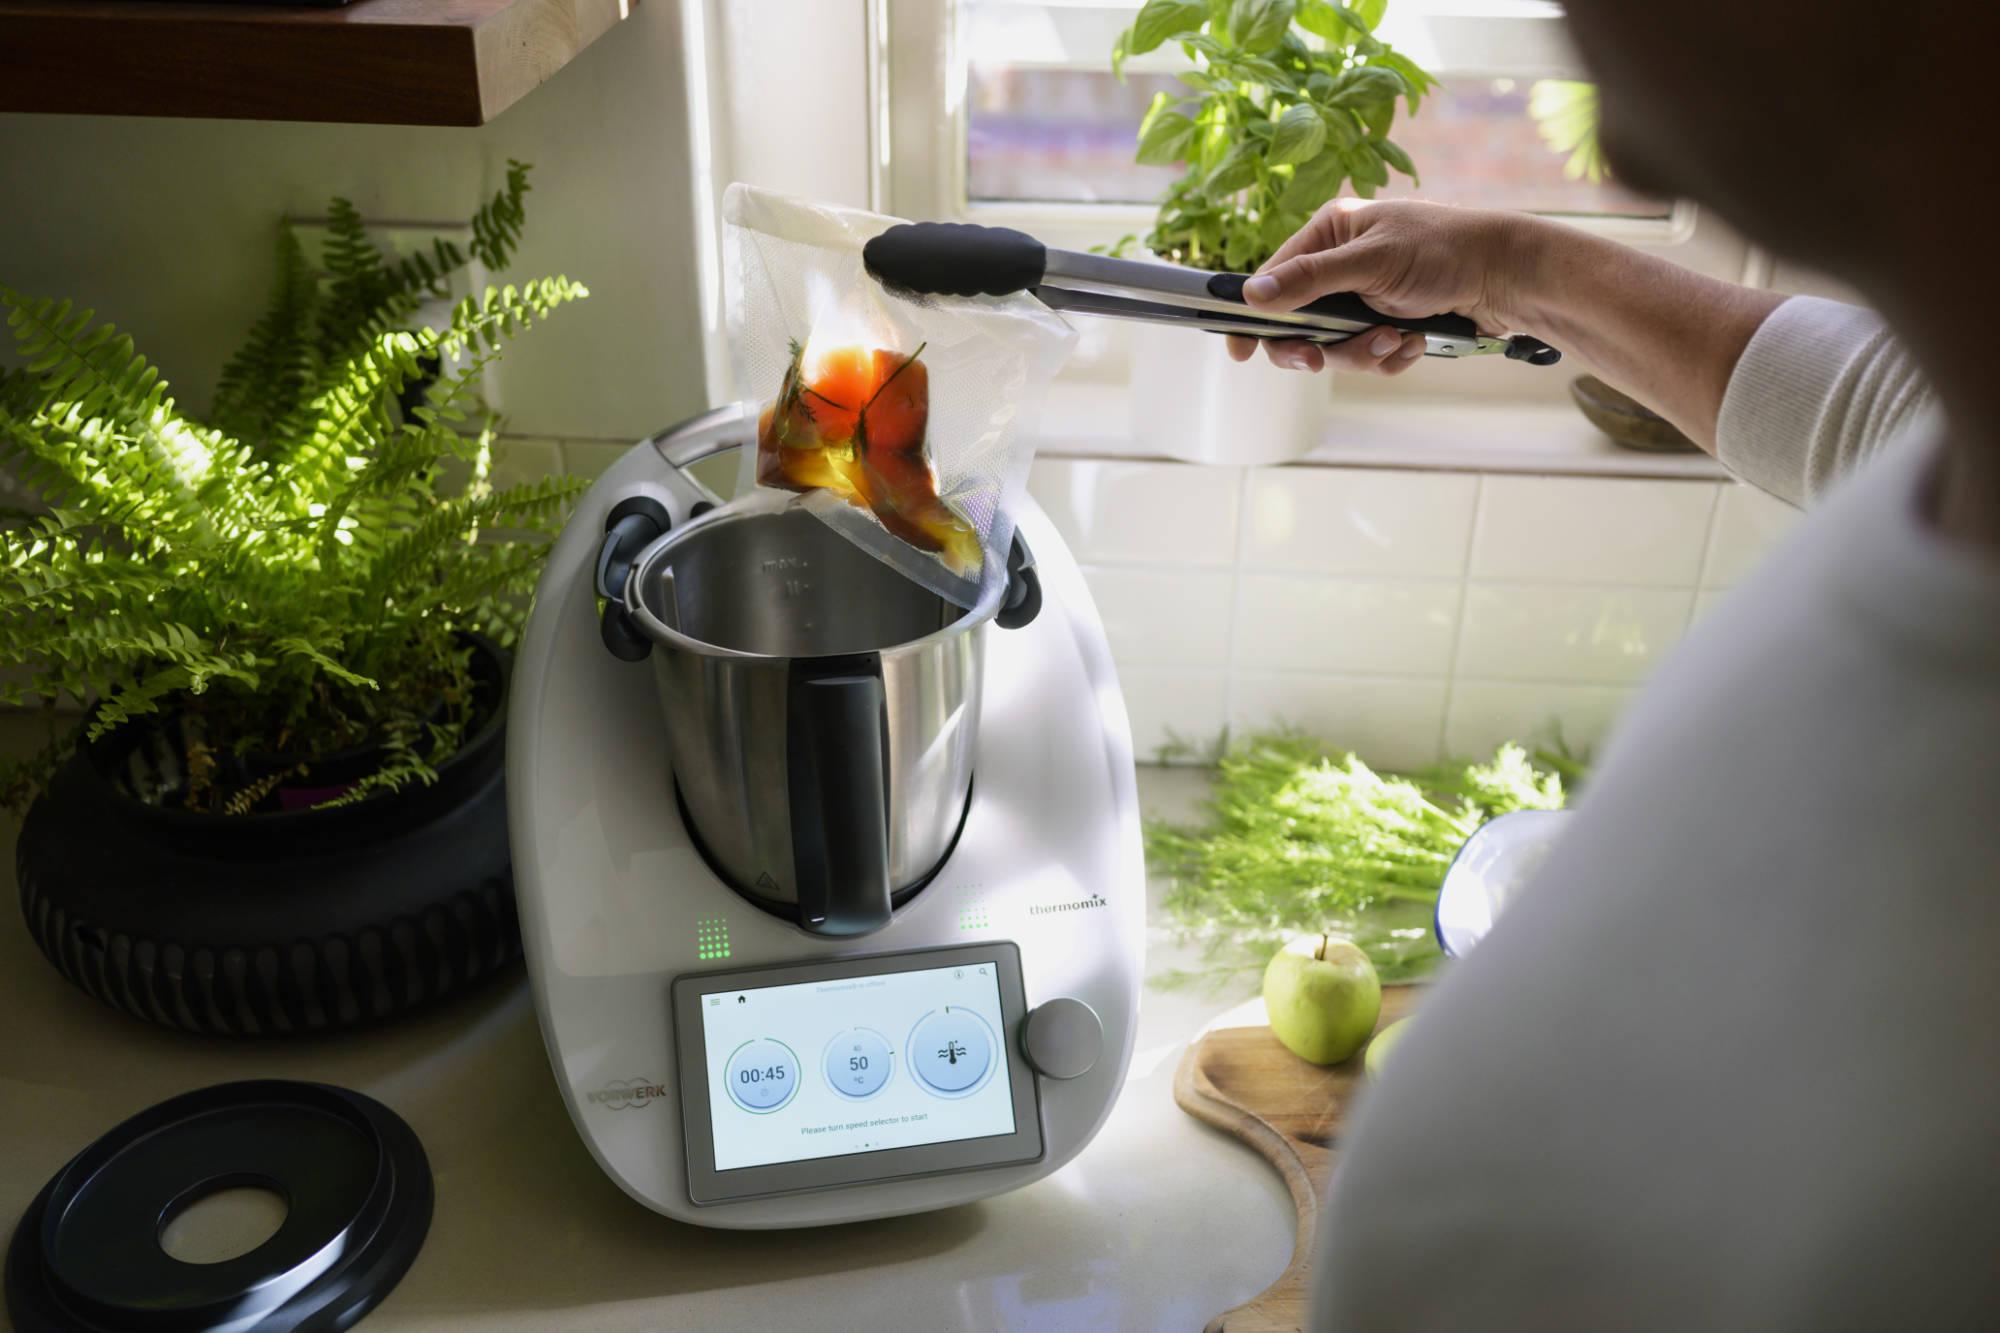 Tausendsassa in der Küche: Mit Sous-vide gelingt das Garen von Fleisch, Fisch und Gemüse bei niedrigen Temperaturen auch mit dem Thermomix aromatisch wie vitaminschonend. Foto: Vorwerk